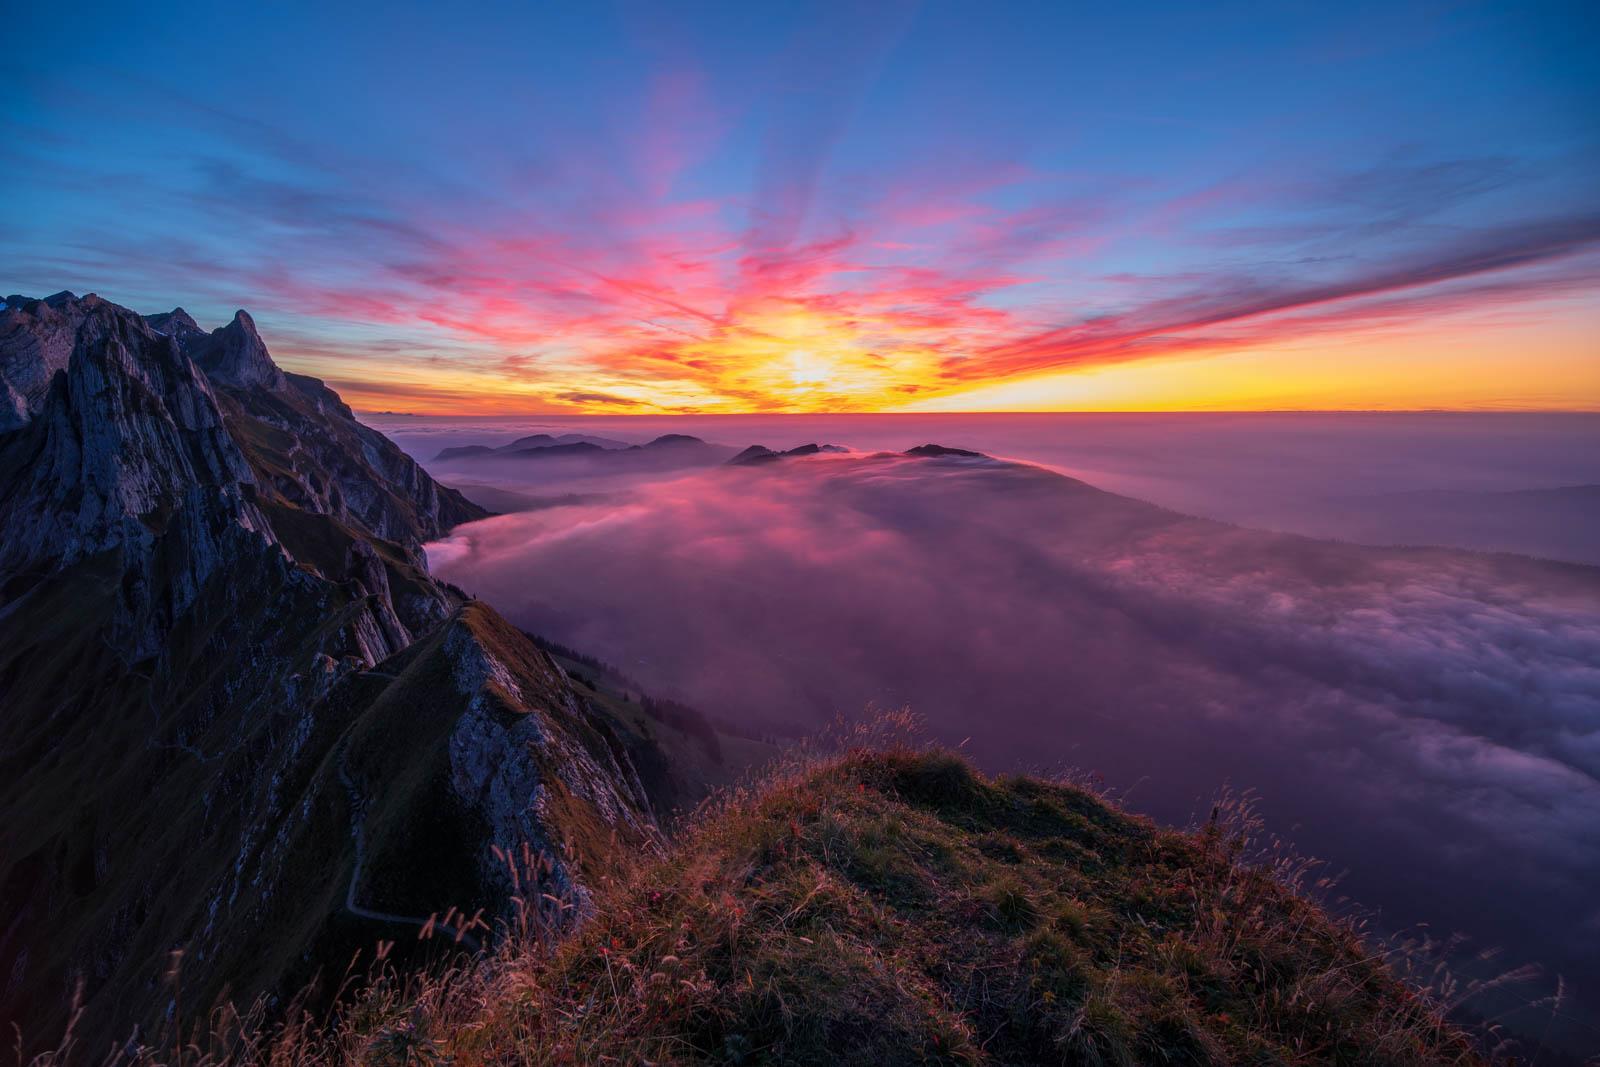 Photo: Fantastische Stimmung nach Sonnenuntergang